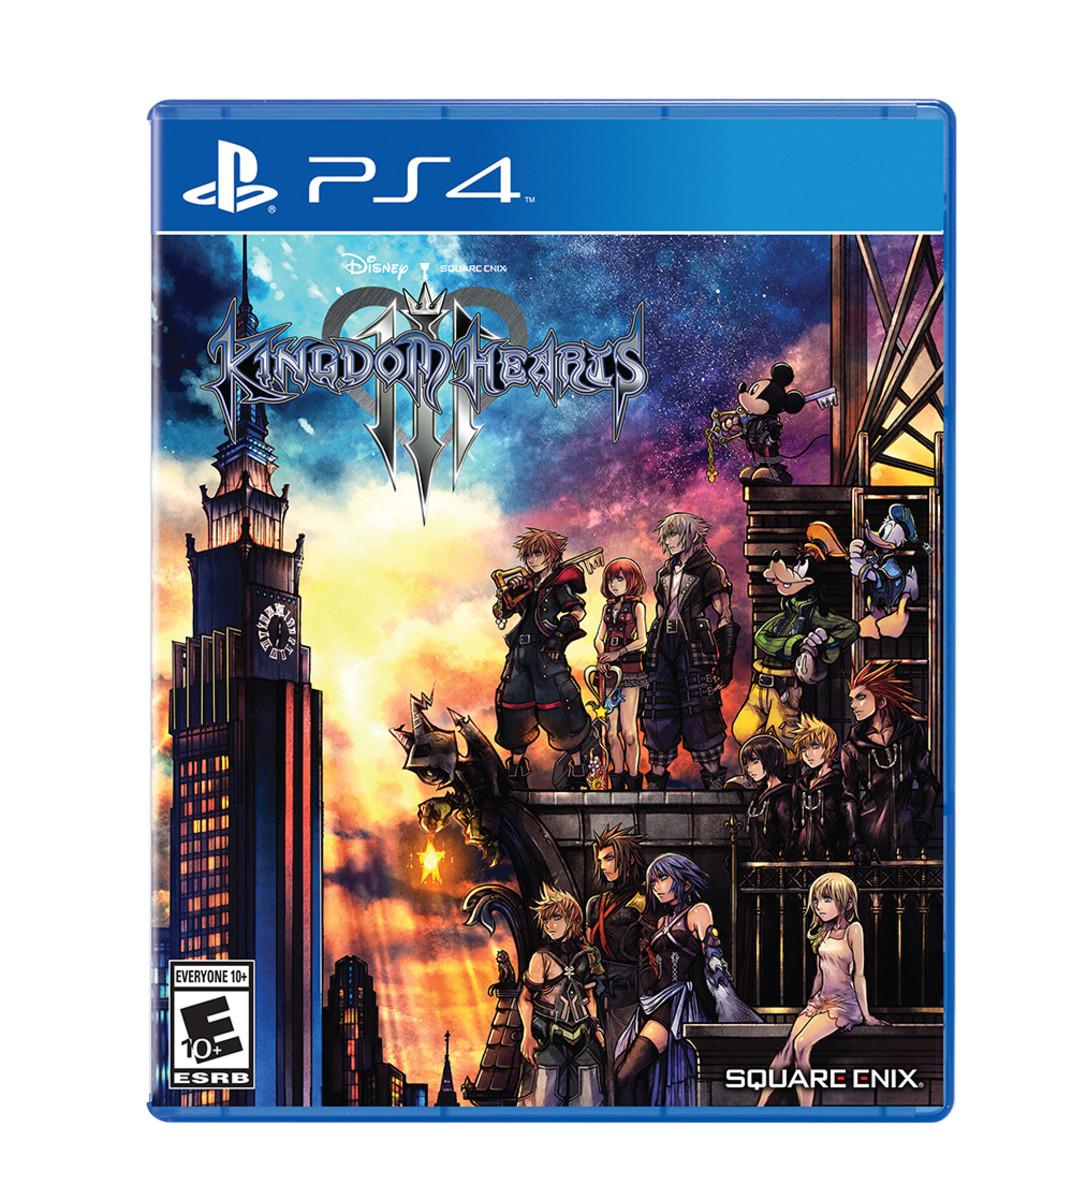 Kingdom Hearts III PlayStation 4 cover.